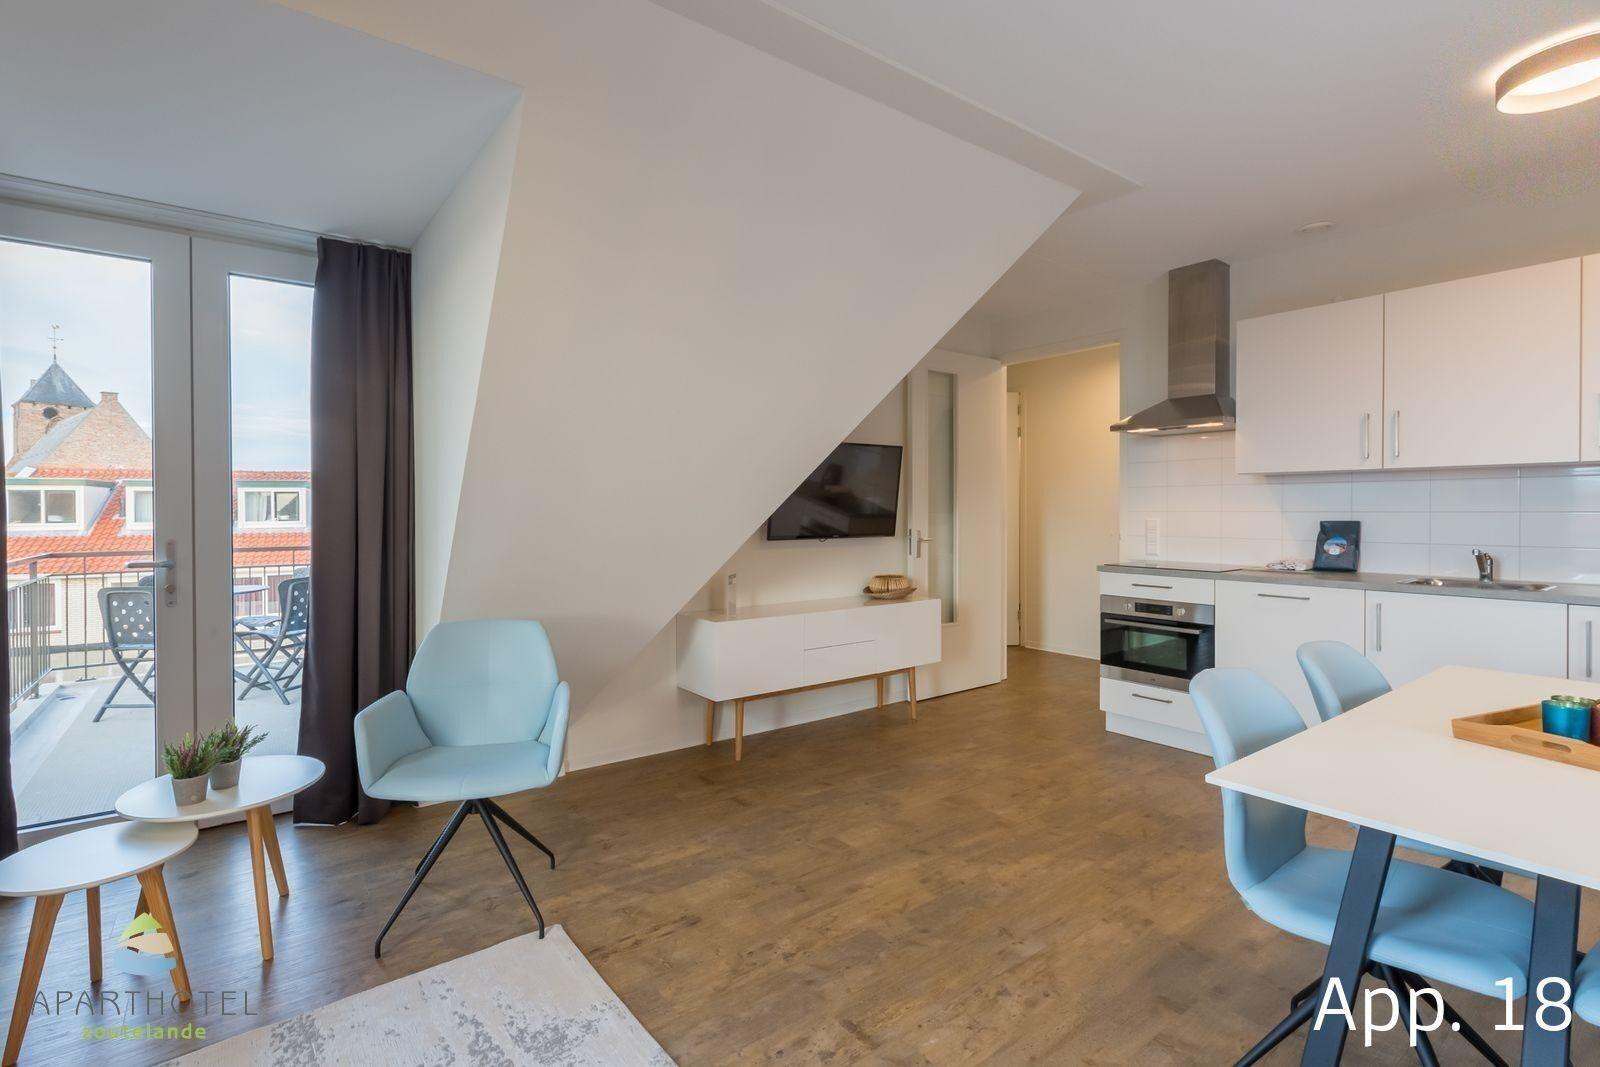 Ferienhaus für 6 Personen ca 70 m² in Zoutelande Zeeland Küste von Zeeland